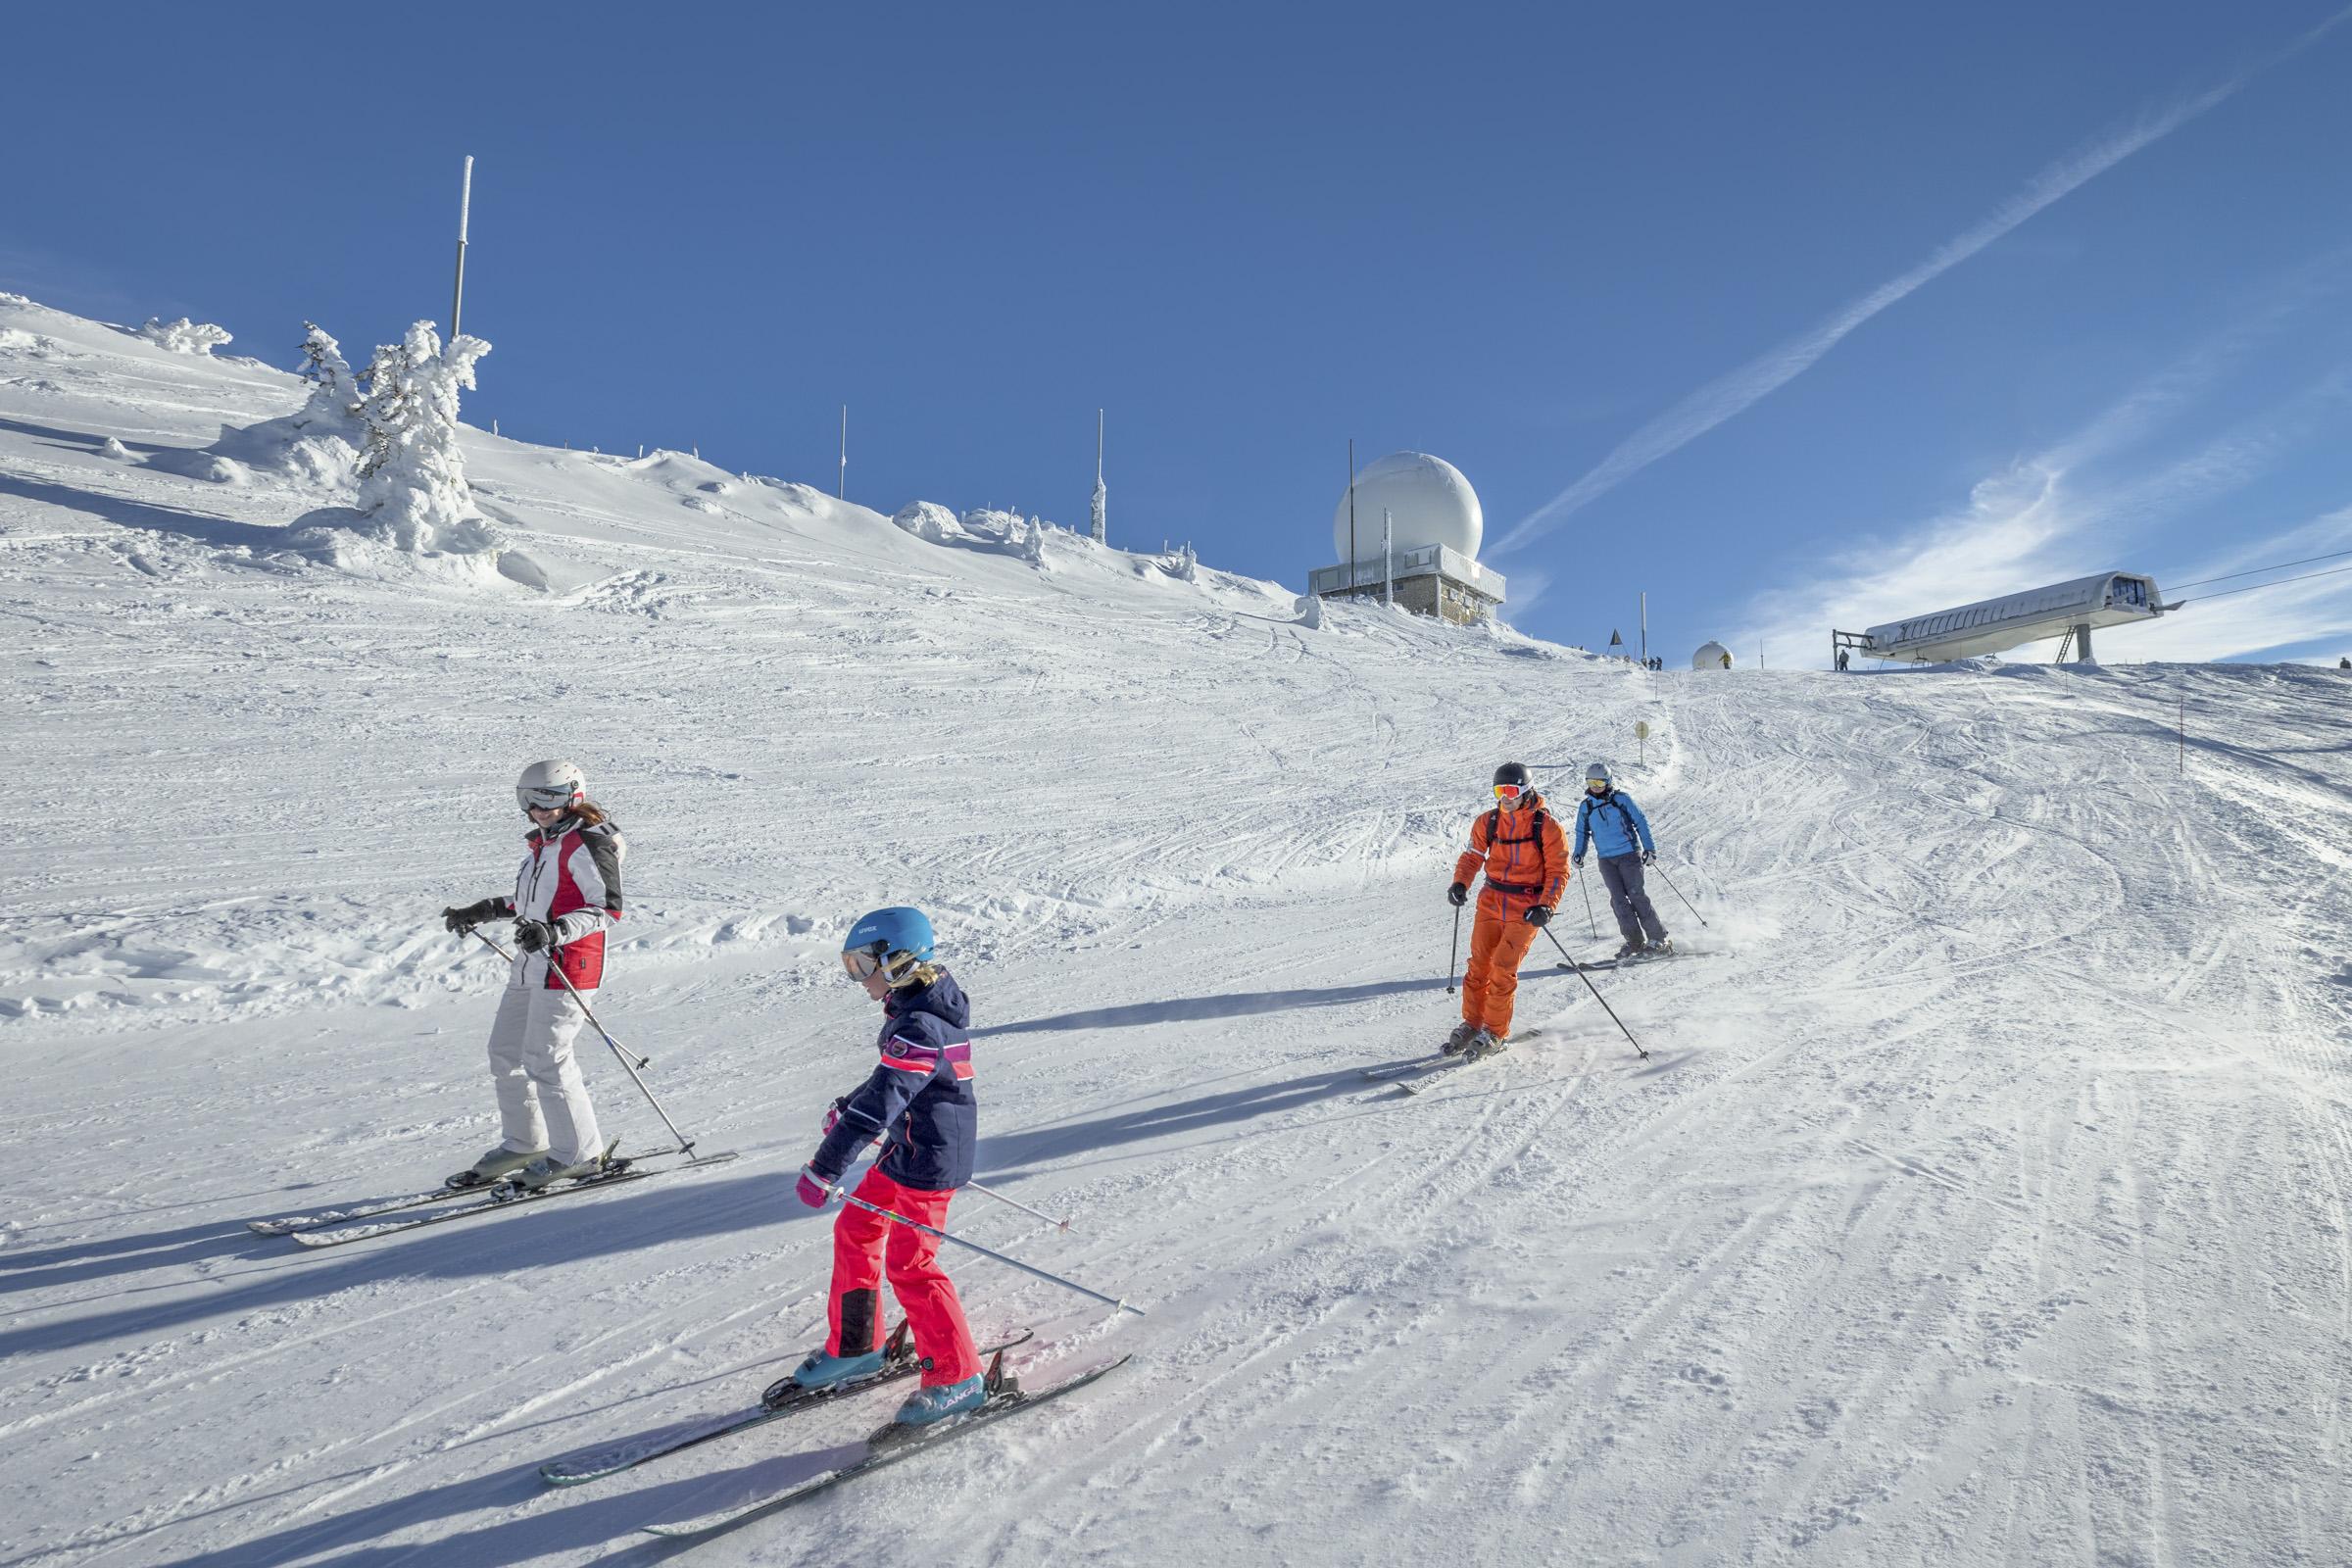 Ski Alpin - Groupe - Jura - Station des Rousses